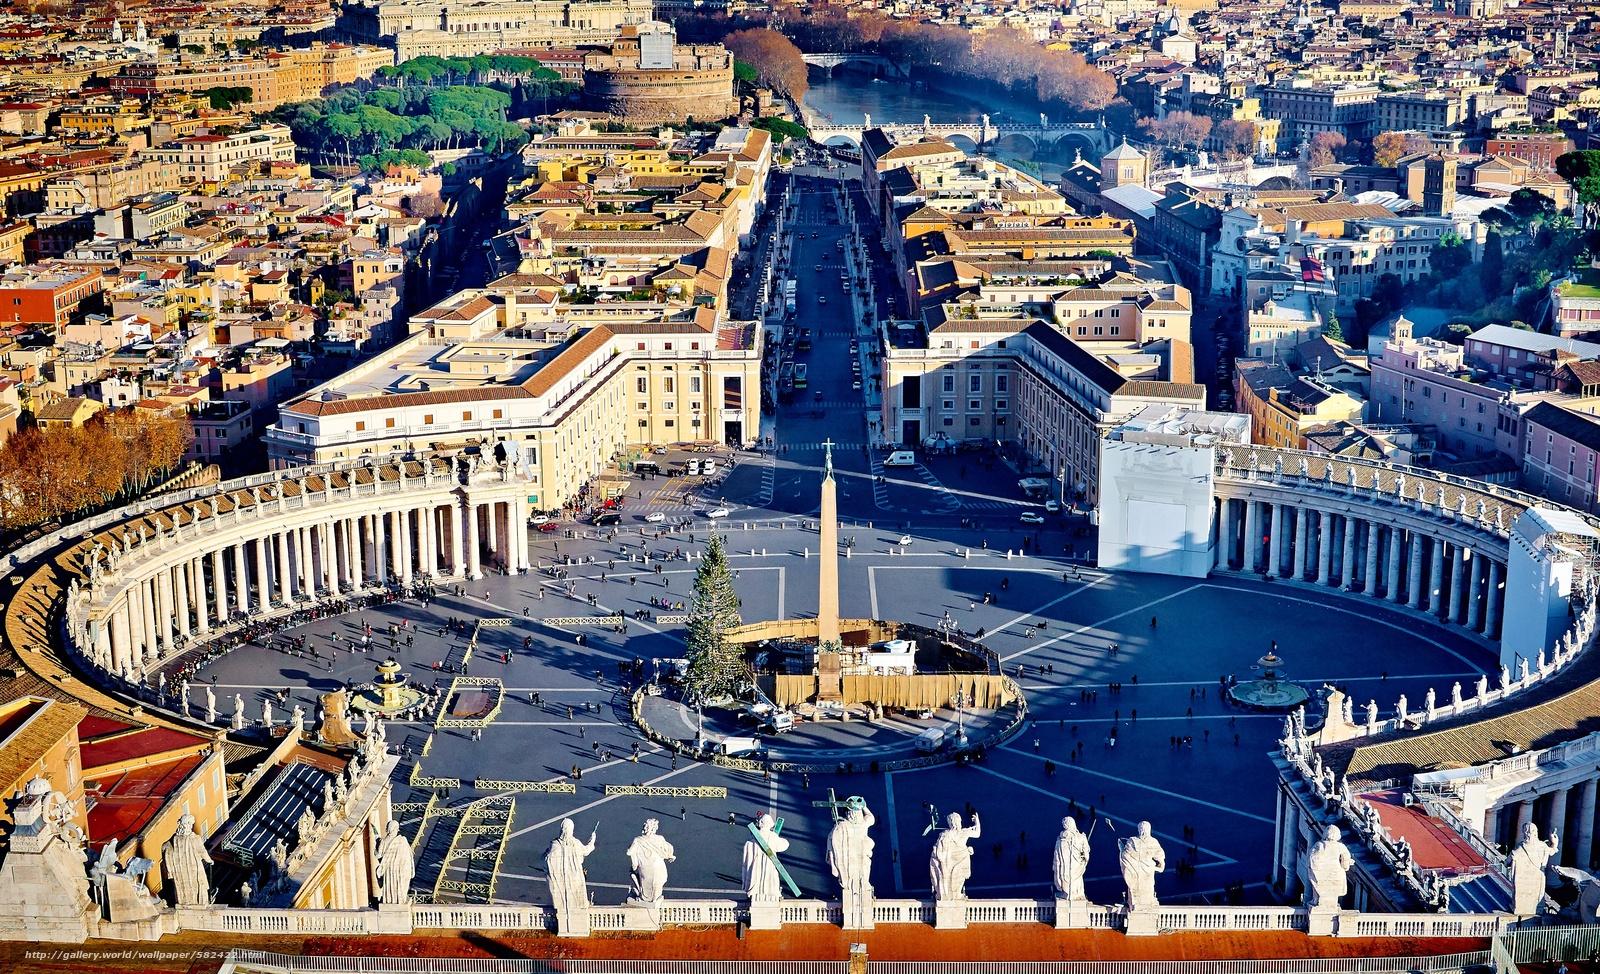 tlcharger fond decran rome - photo #7